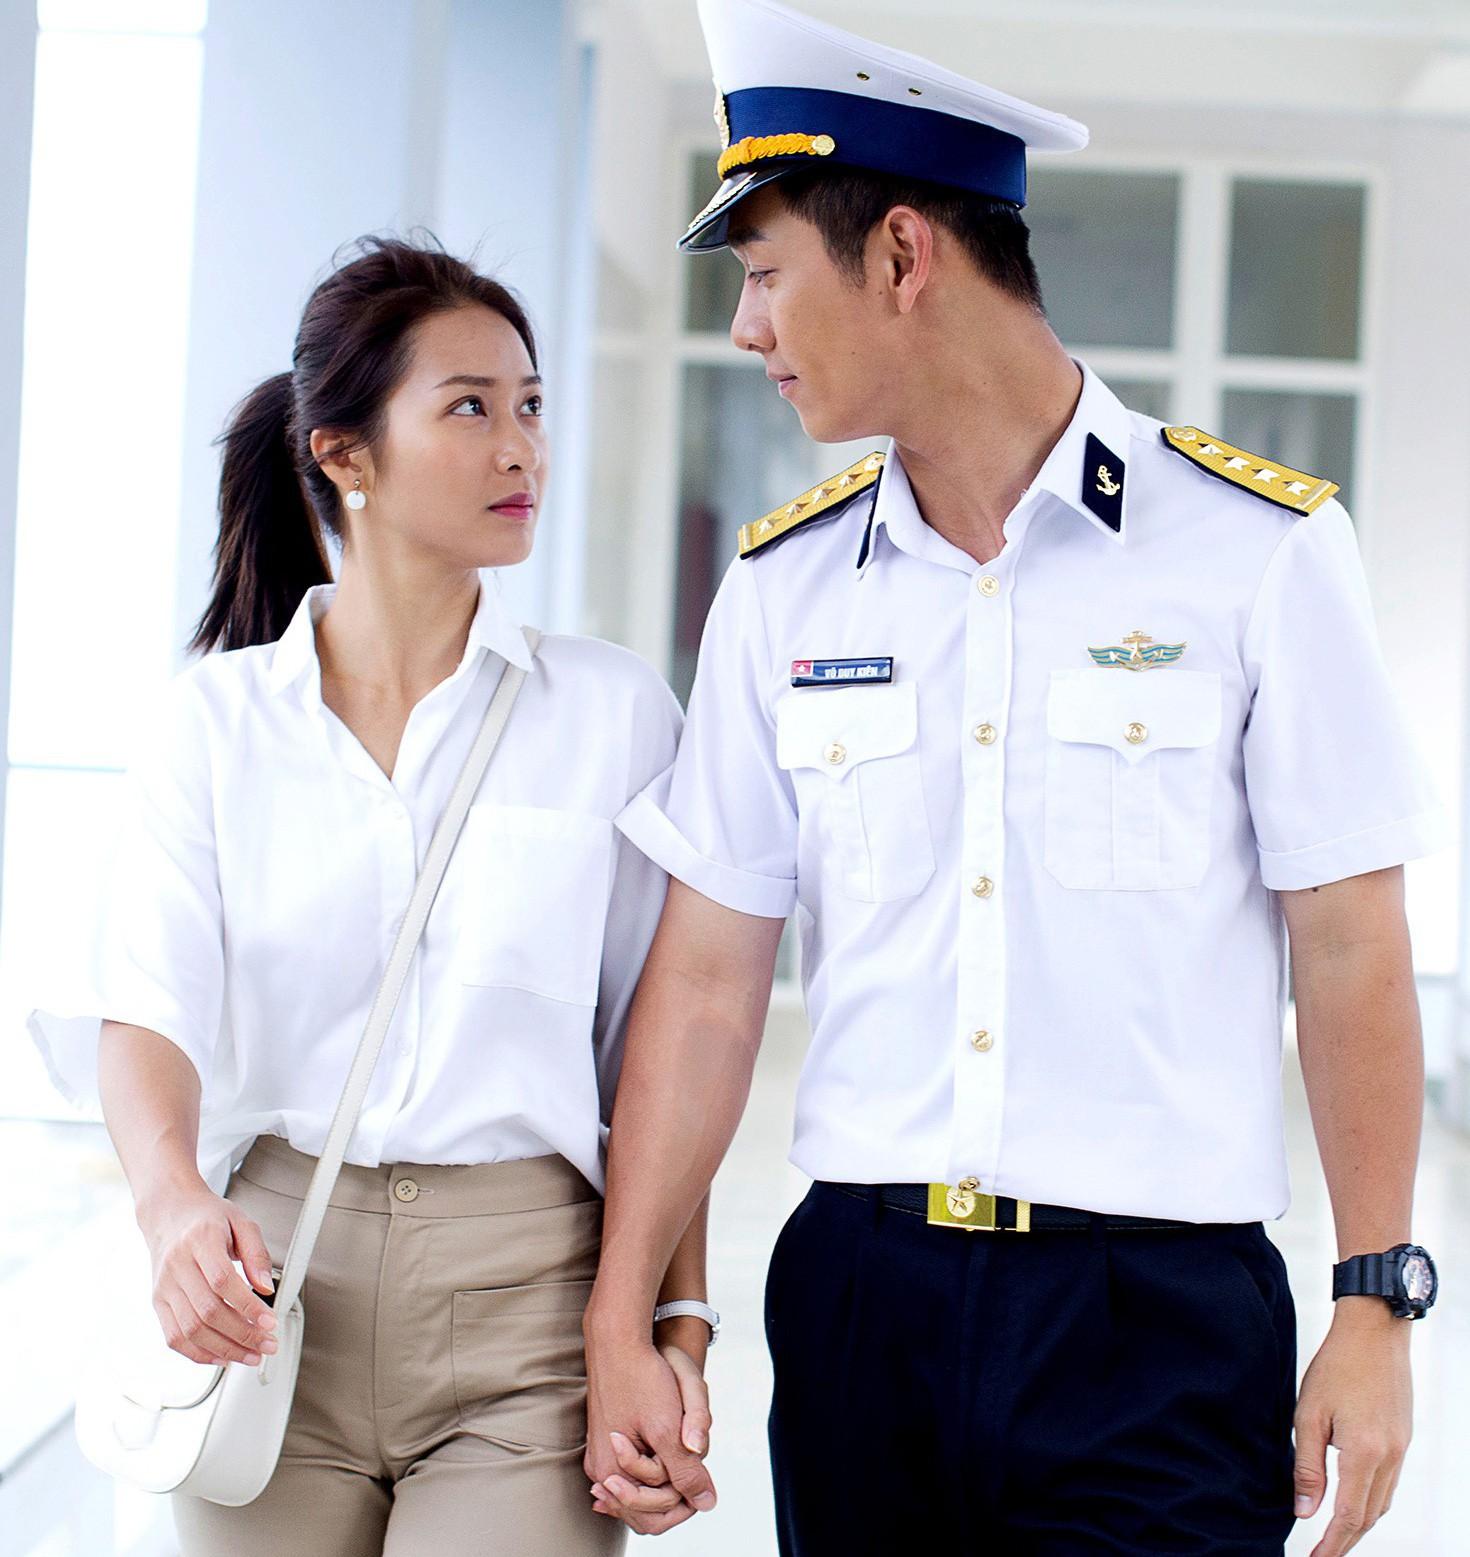 Hậu Duệ Mặt Trời bản Việt chinh phục khán giả bằng sự nỗ lực tuyệt vời của dàn diễn viên - Ảnh 1.